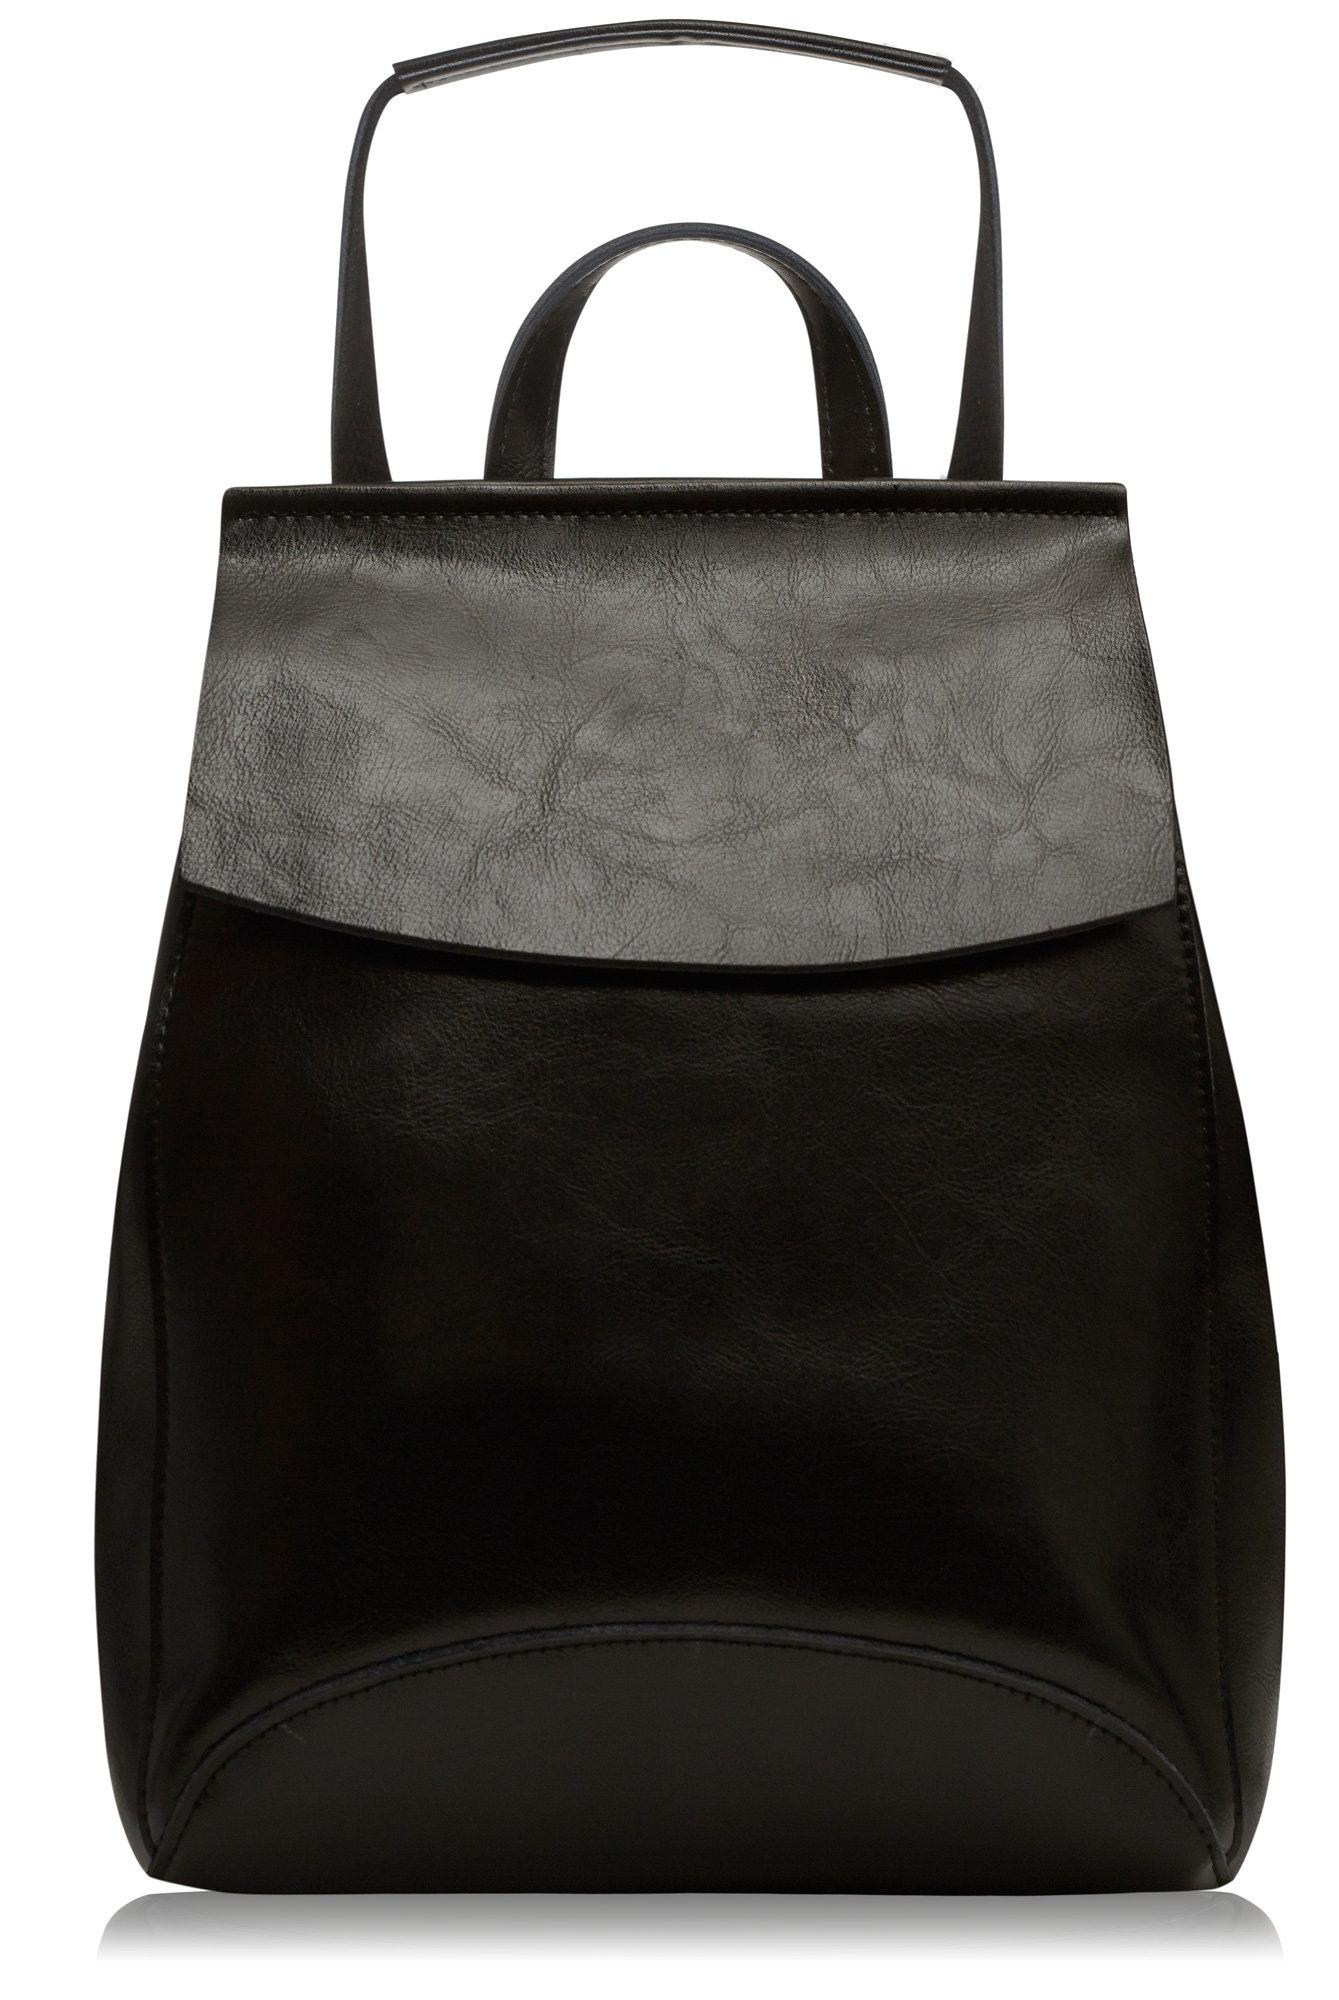 a3e51bfc1932 Женские сумки опт Москва | URBAN - женский рюкзак оптом от Trendy Bags